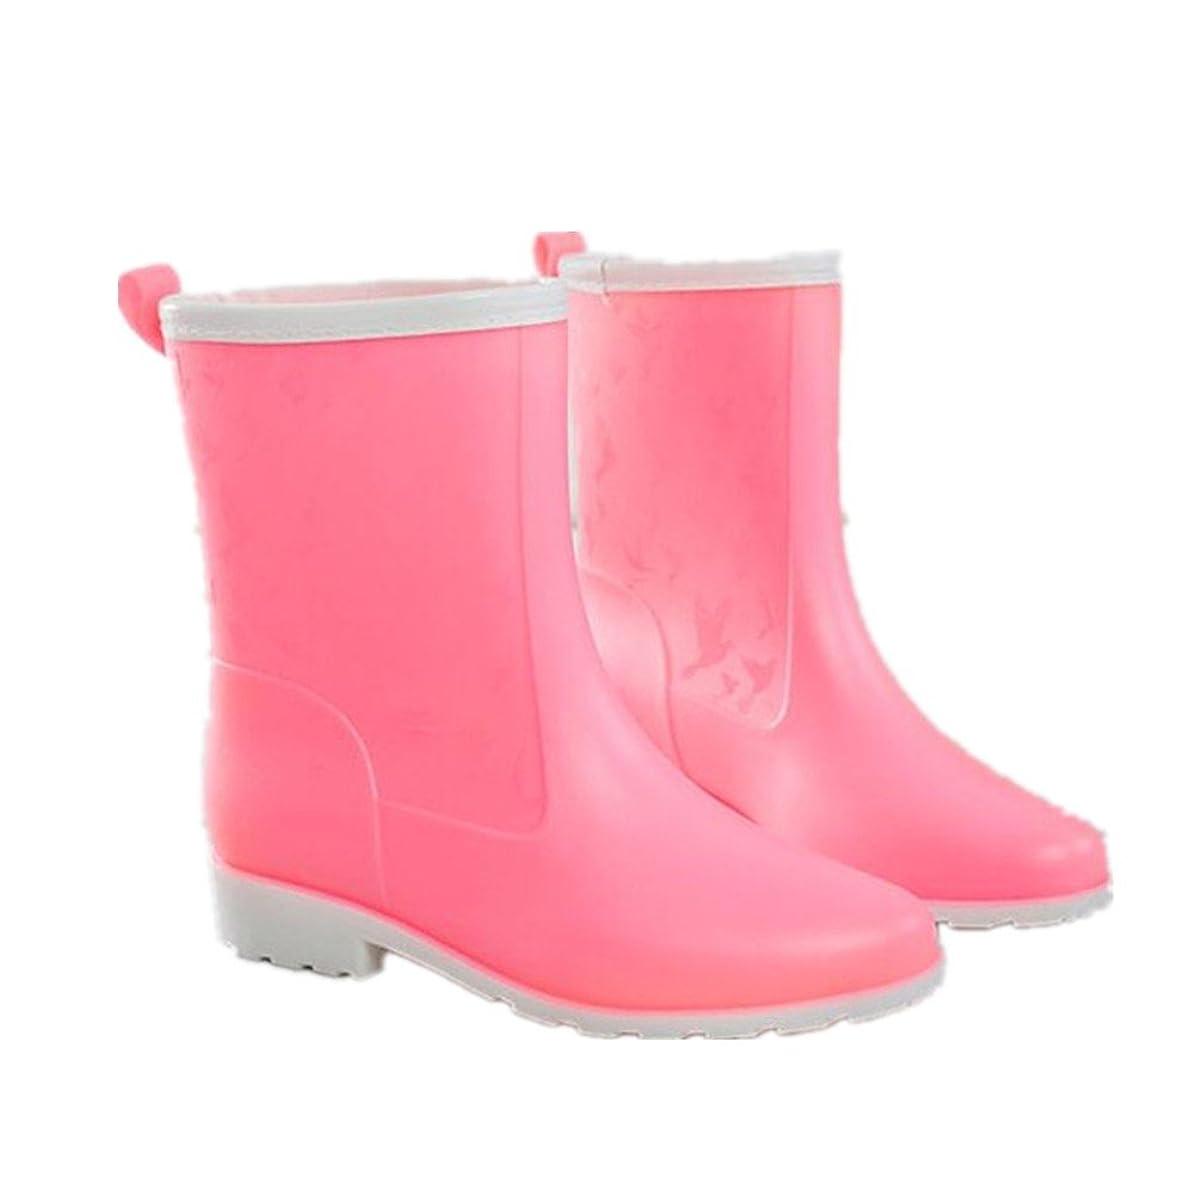 降雨同じ愛撫[ノーブランド品] 靴 雨 雨靴 長靴 シューズ レインシューズ ブーツ レインブーツ ロングブーツ レディース